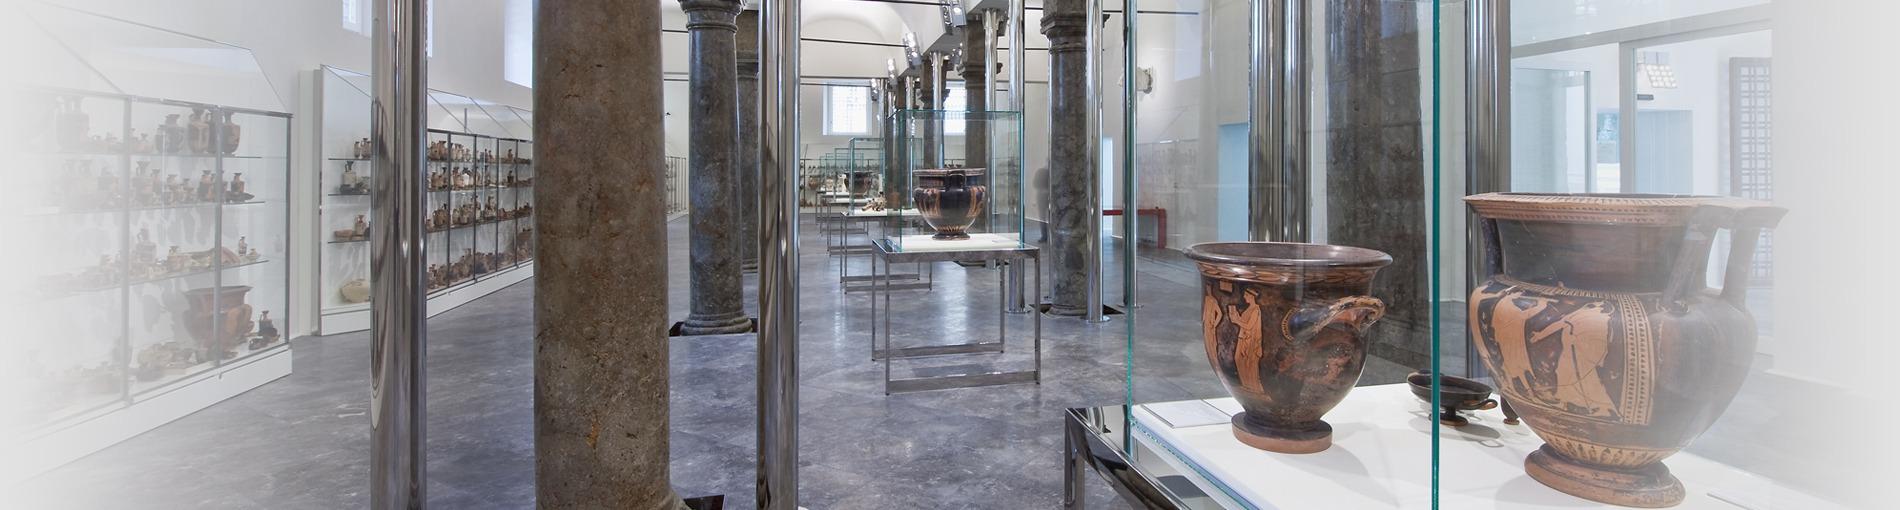 Fondazione Sicilia - Photo 5172